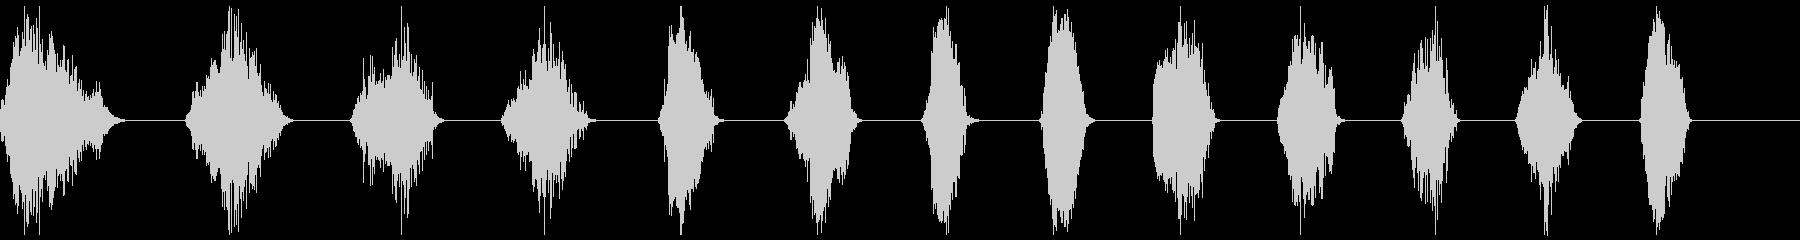 シングルディープグロウリングブレス...の未再生の波形